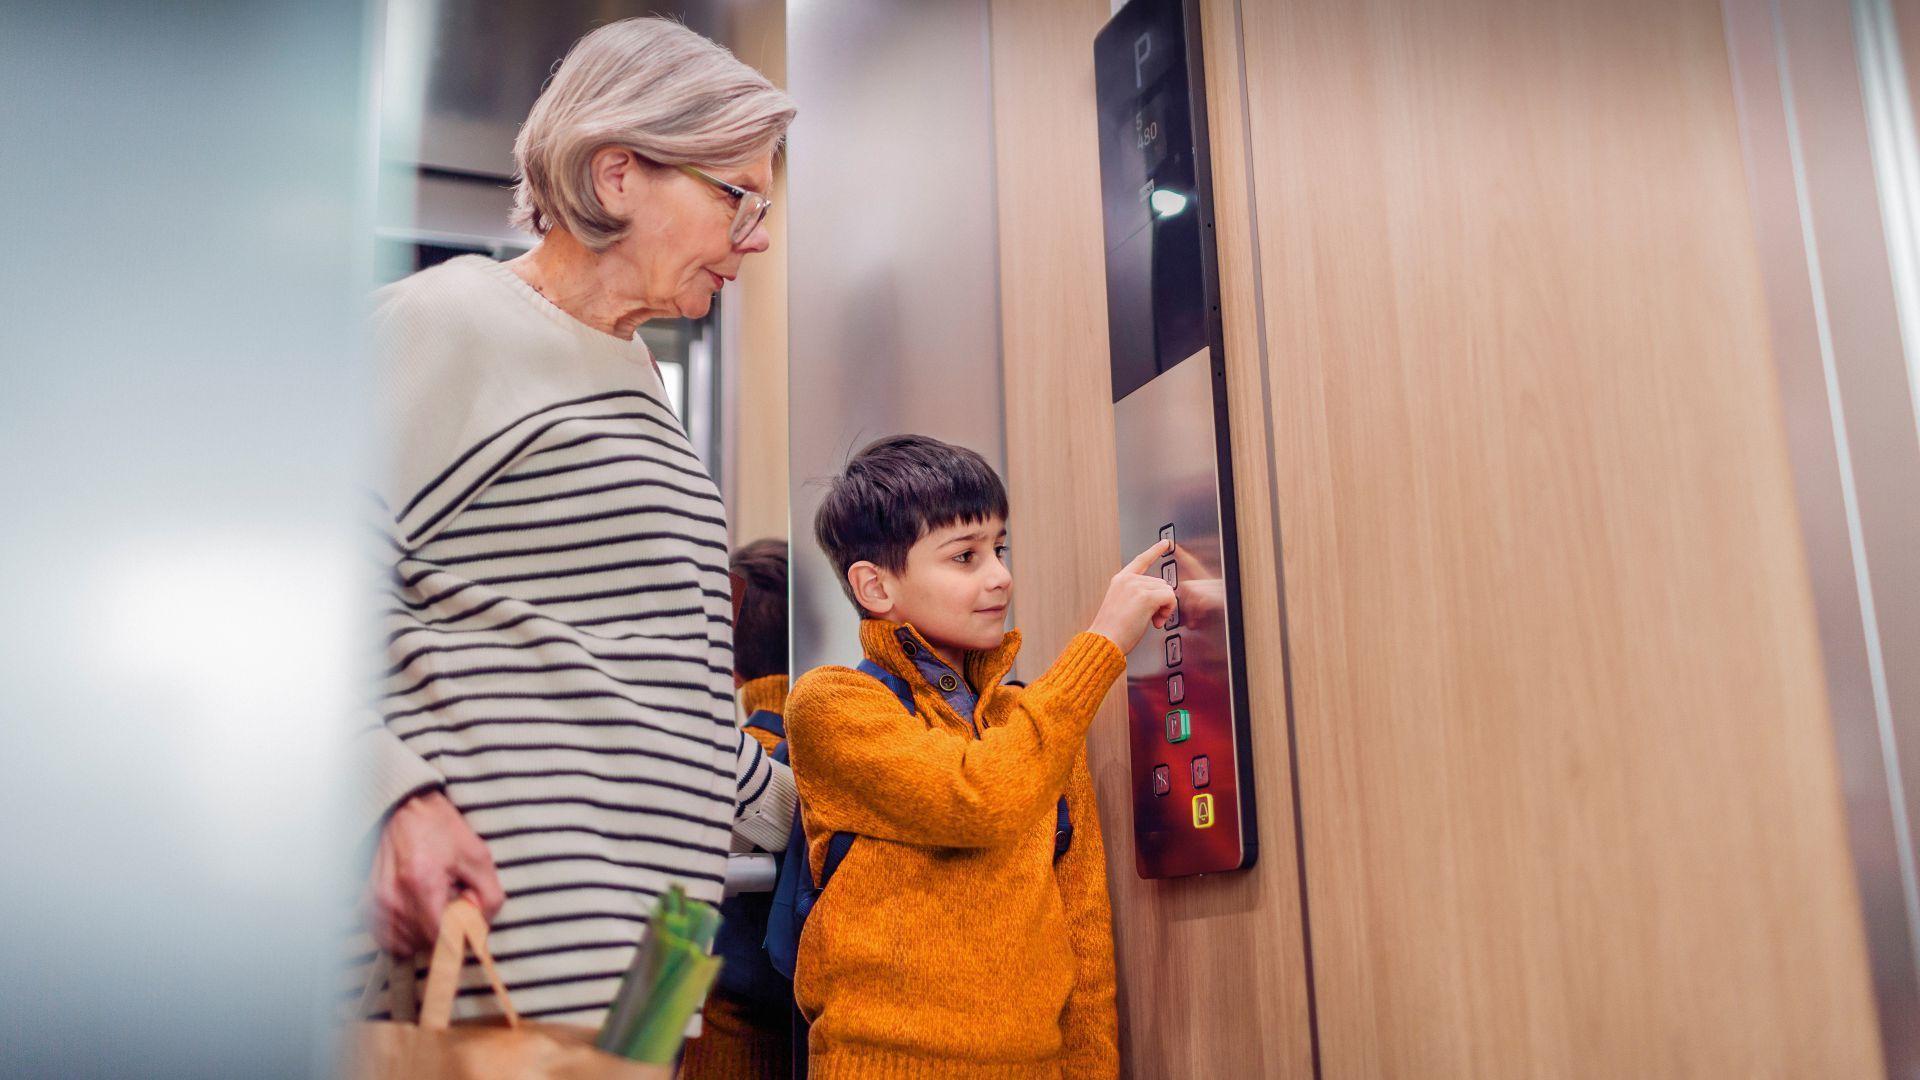 Nonna e nipote in un ascensore KONE Motus